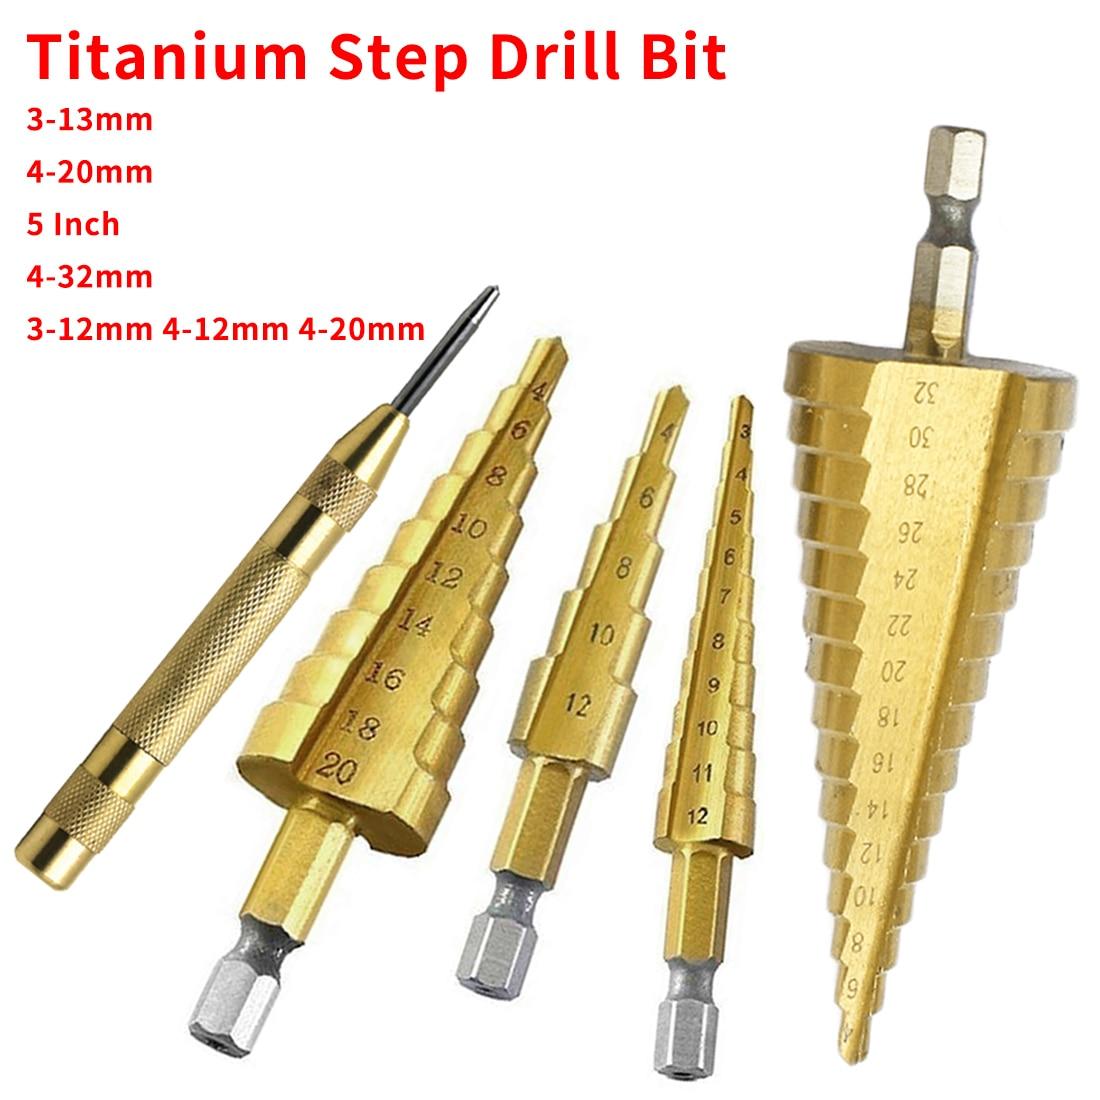 HSS Steel Titanium Step Drill Bit 3-12mm 4-12mm 4-20mm Step Cone Cutt Tools Metal Drill Bit Set for Woodworking Wood(China)